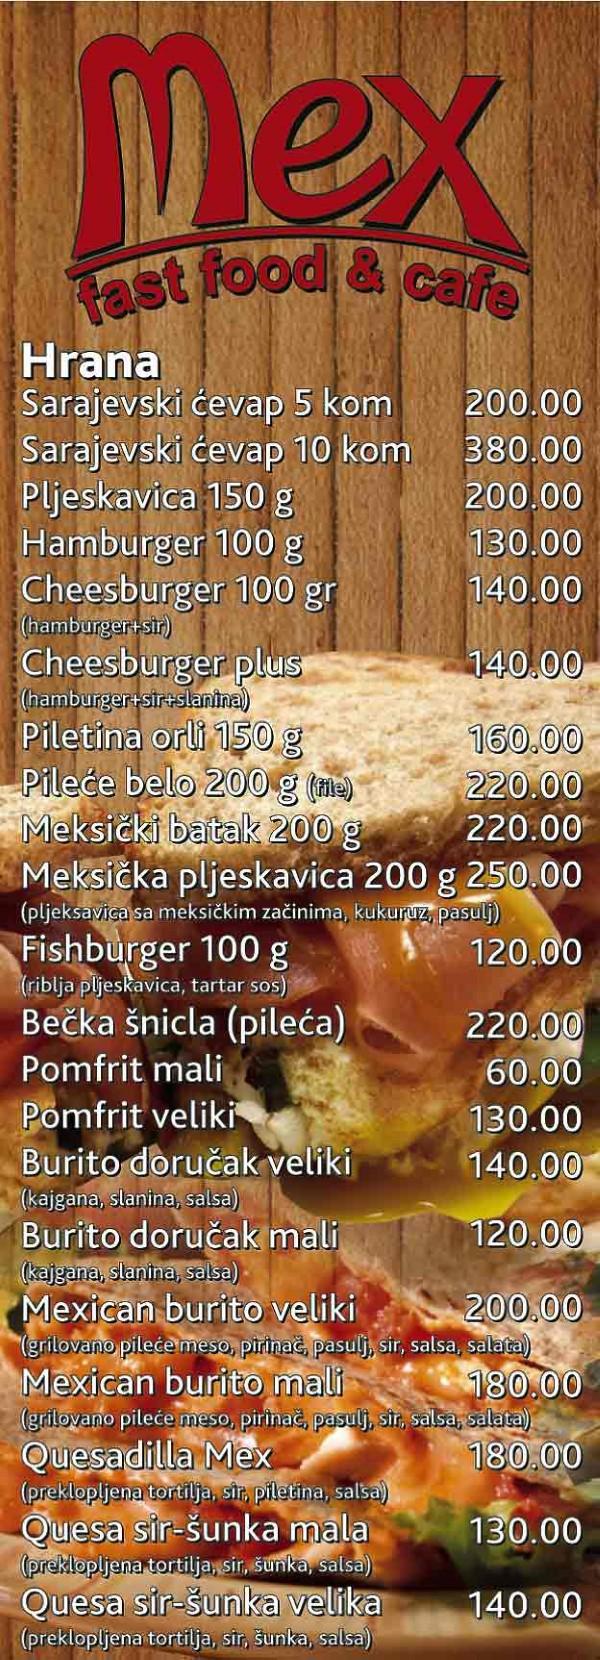 mex-fast-food-jelovnik-hrana-zrenjanin